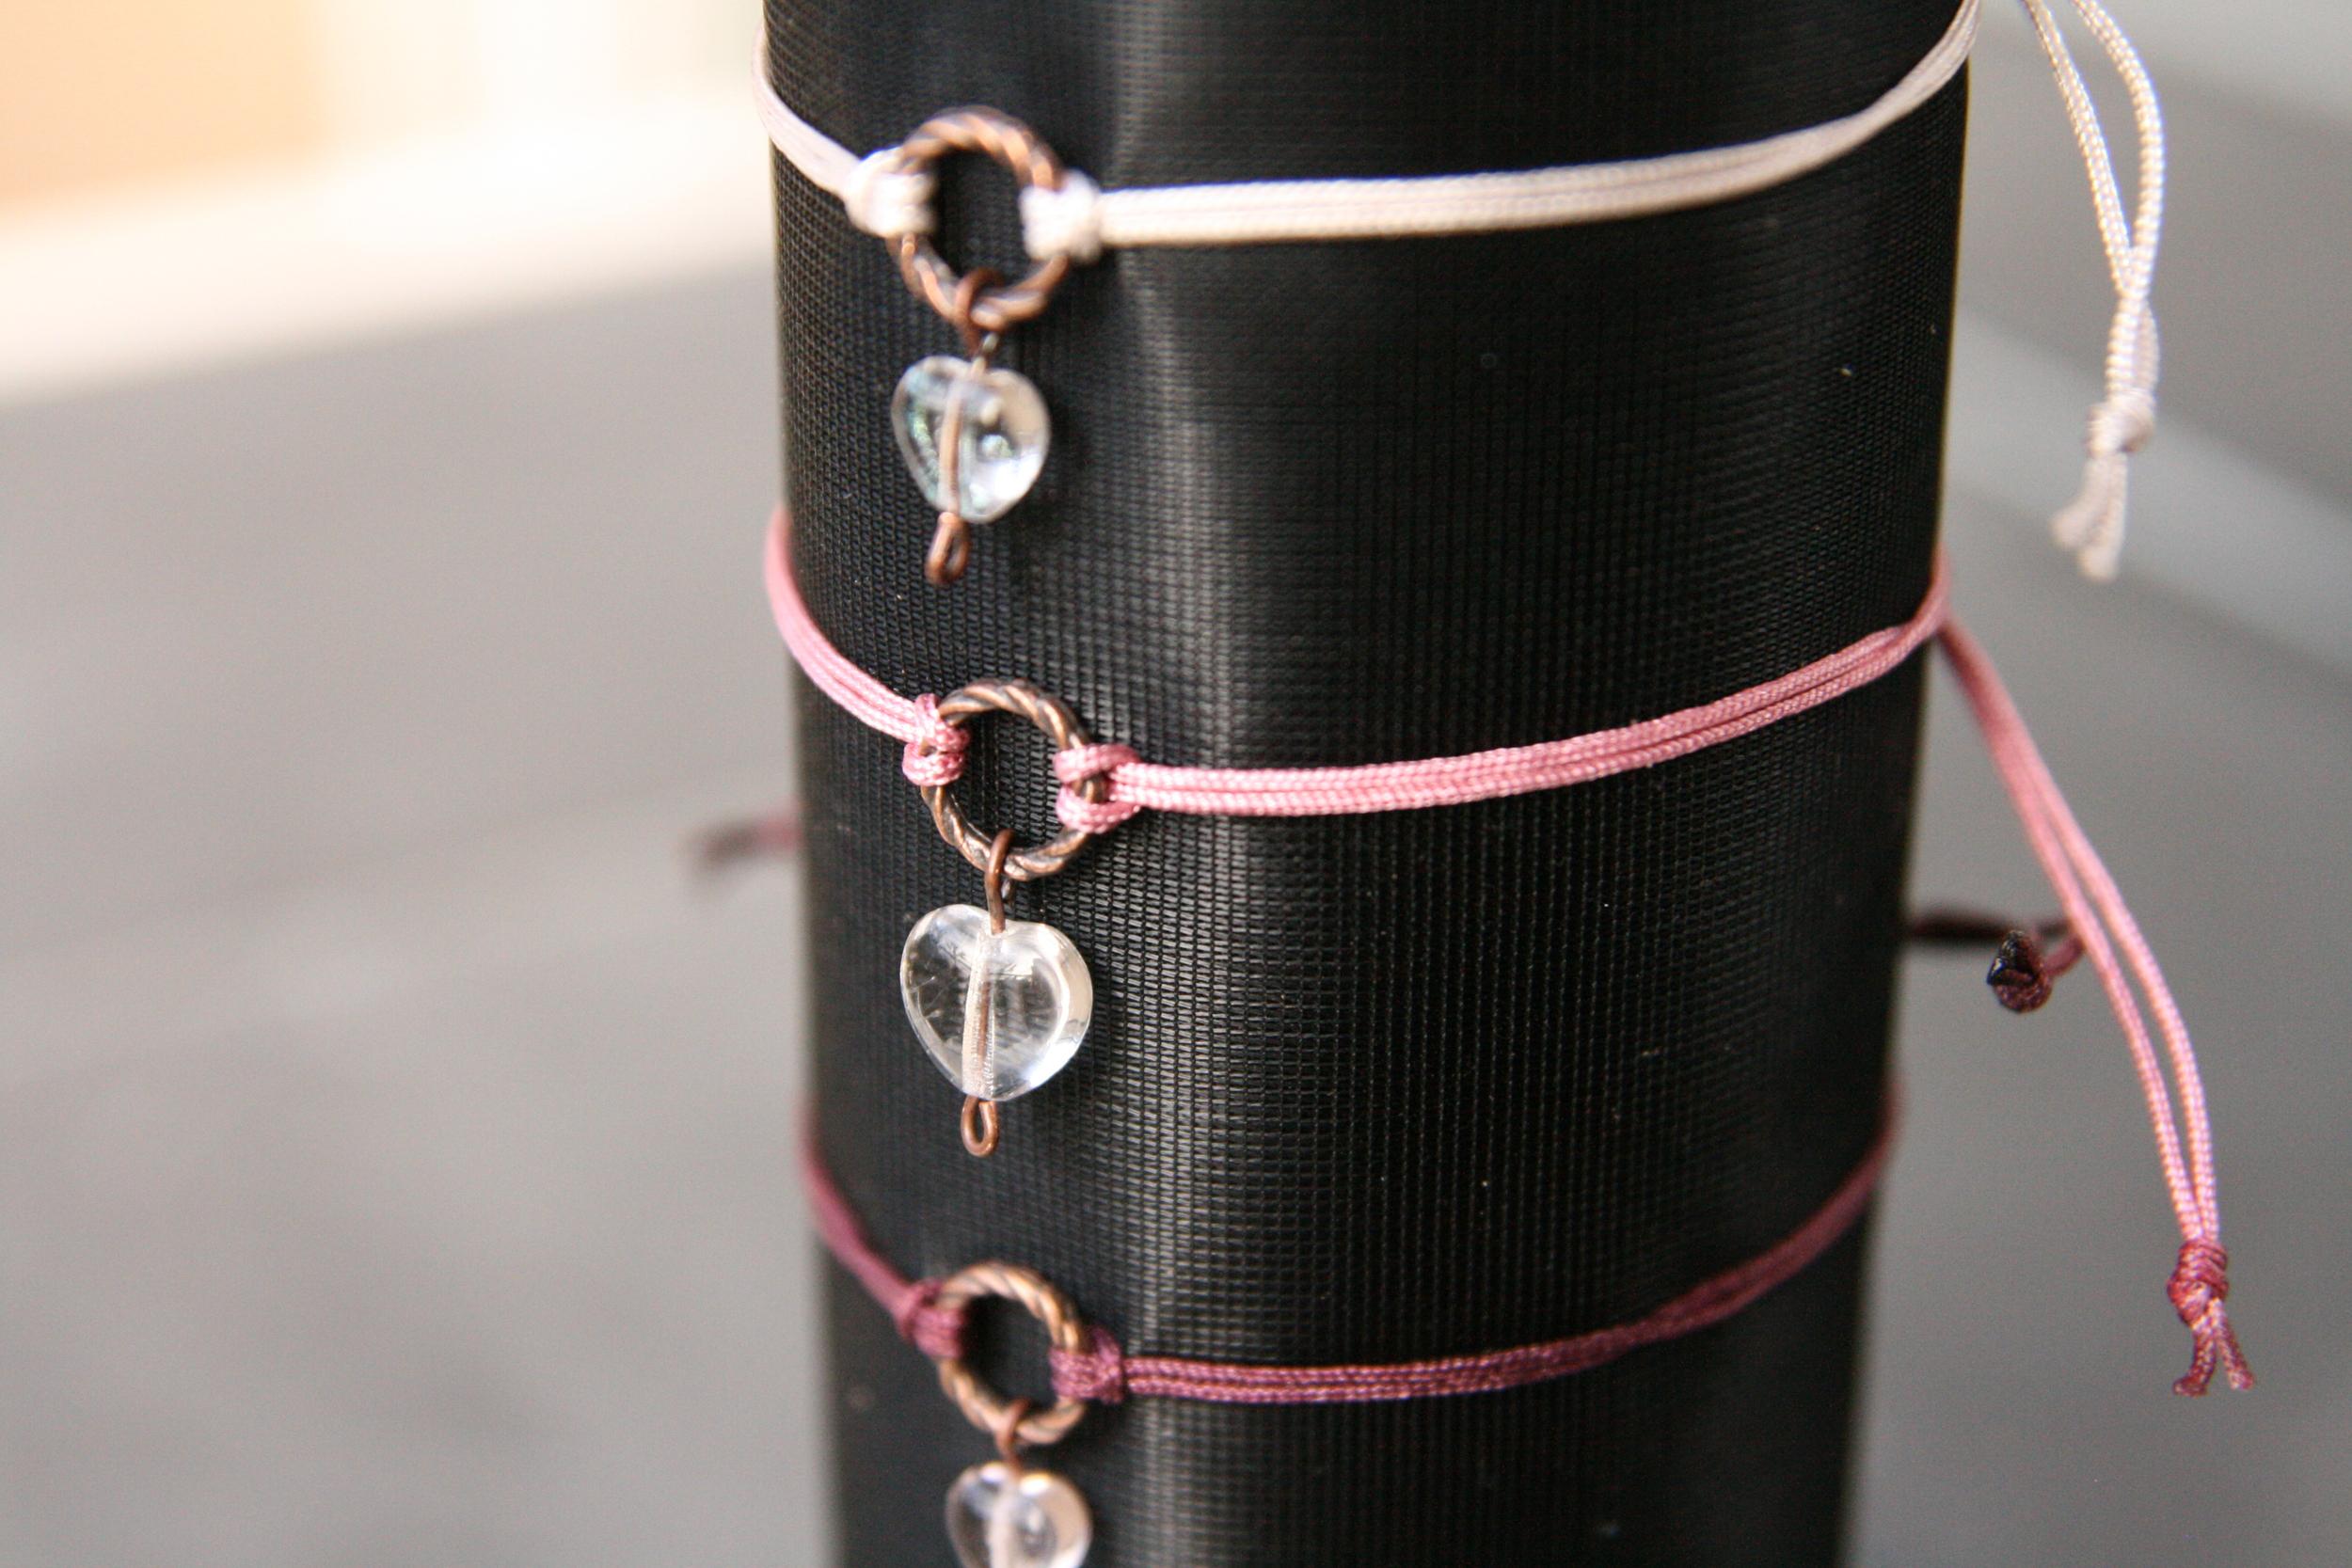 MÄDCHENSCHWARM  Armband mit transparentem Glasherz und kupfer farbenem Ring auf farbigem Band mit verschiebbarem - individuell anpassbarem - Verschluss. Herz: ca. 5mm, Ring: ca. 7mm; Band in den Farben rosa, creme und aubergine erhältlich.  12€   BESTELLEN >>